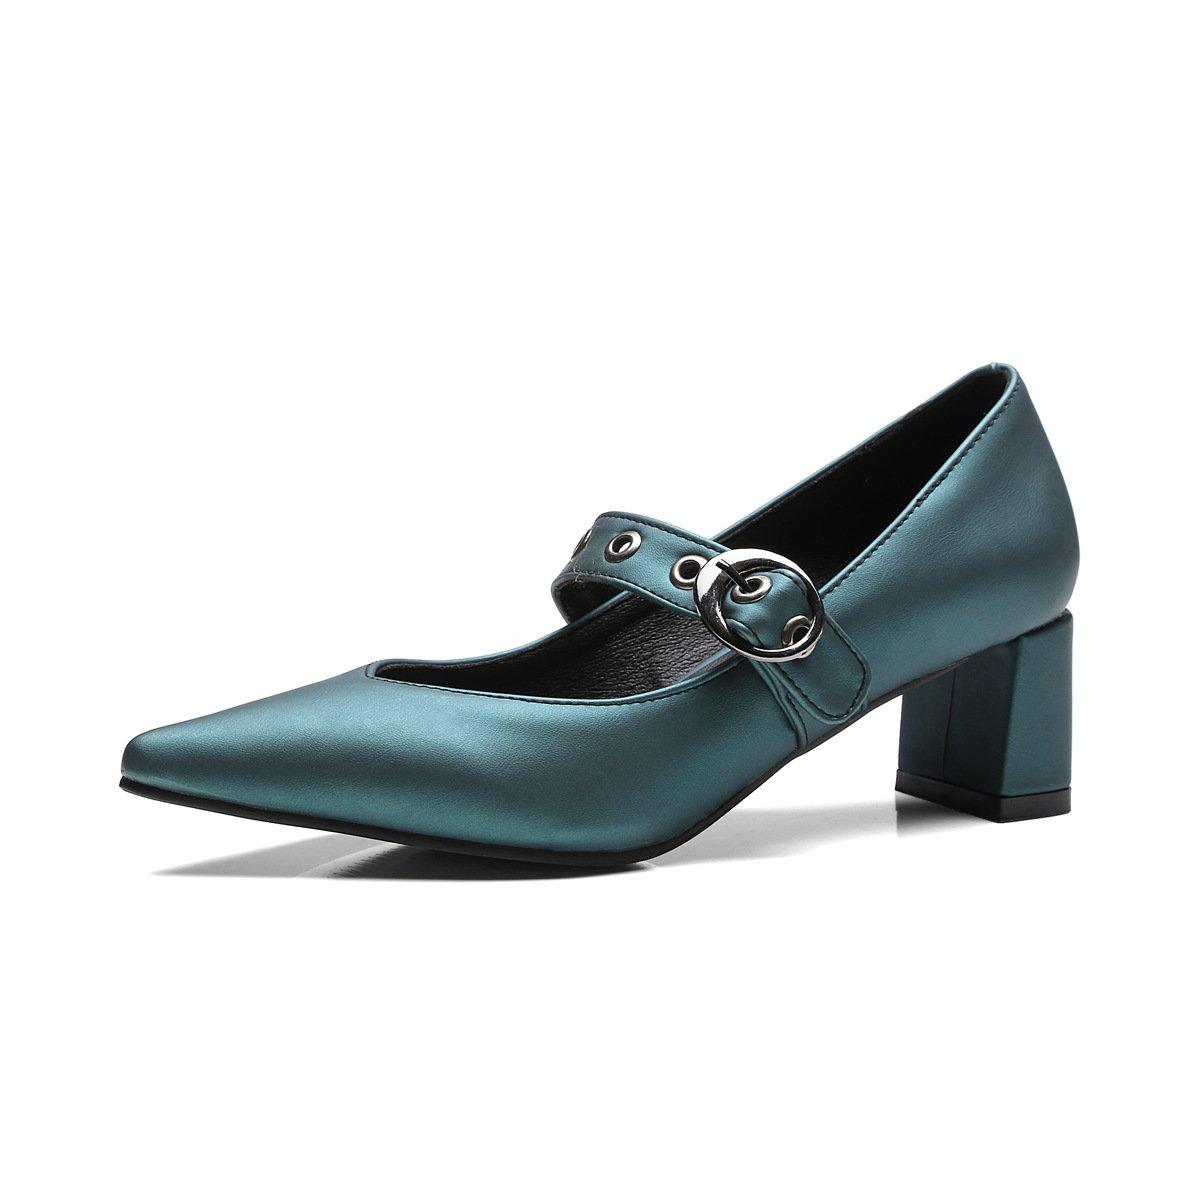 QINX Frauen Spitze Zehe Blockabsatz Schuhe40 EU|Green